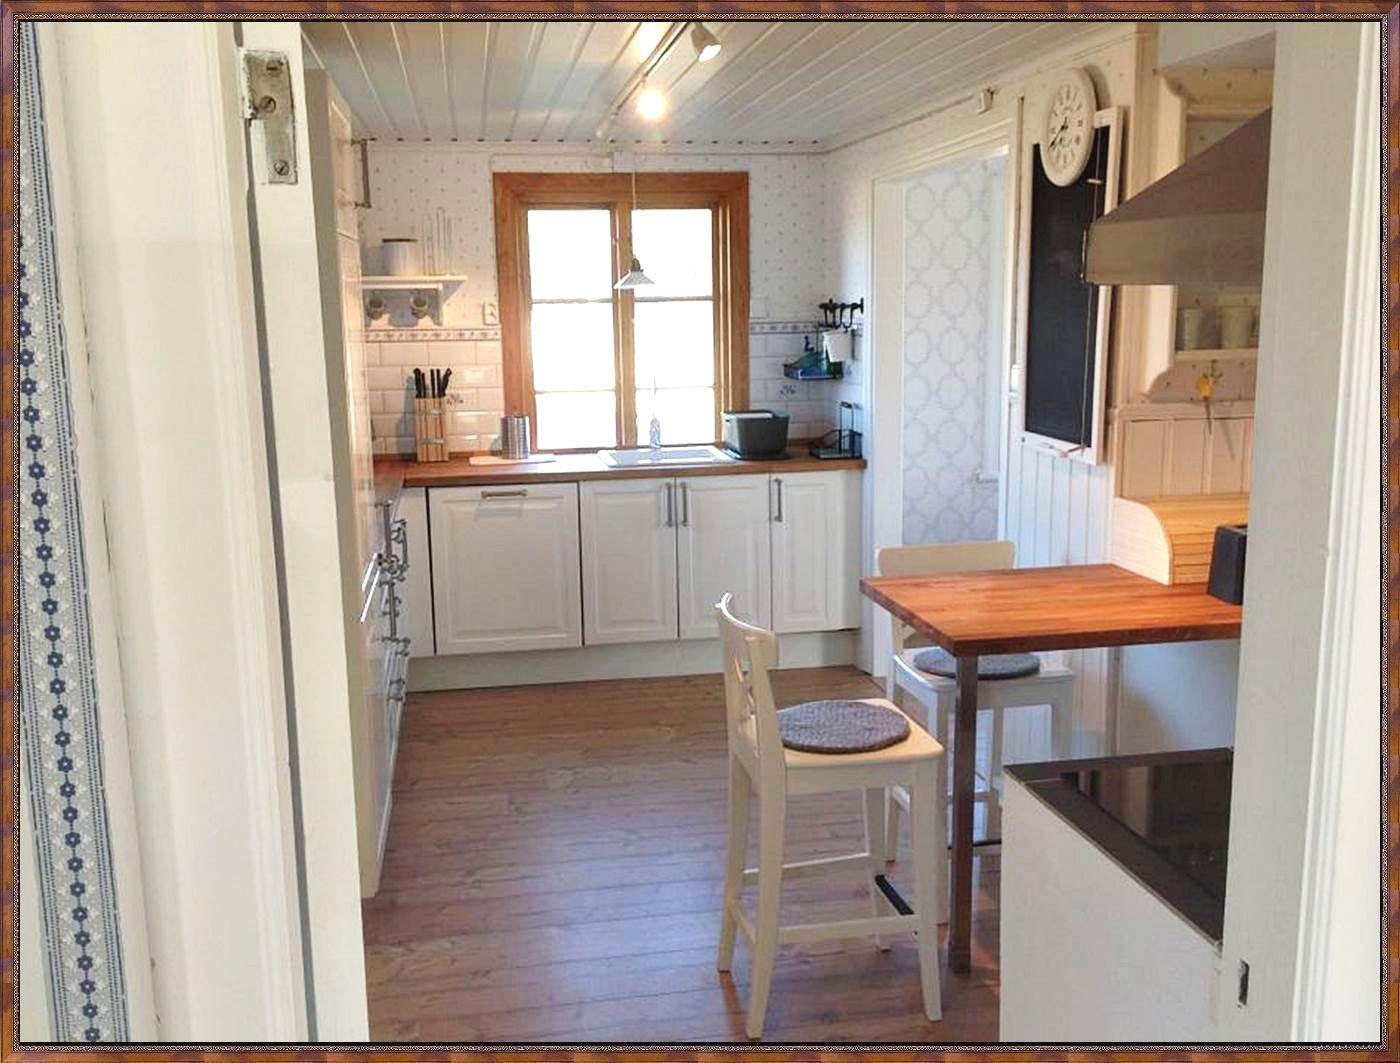 Full Size of Küchen Bartisch Bartische Und Sthle Ehrfrchtige Inspiration Kche Regal Küche Wohnzimmer Küchen Bartisch